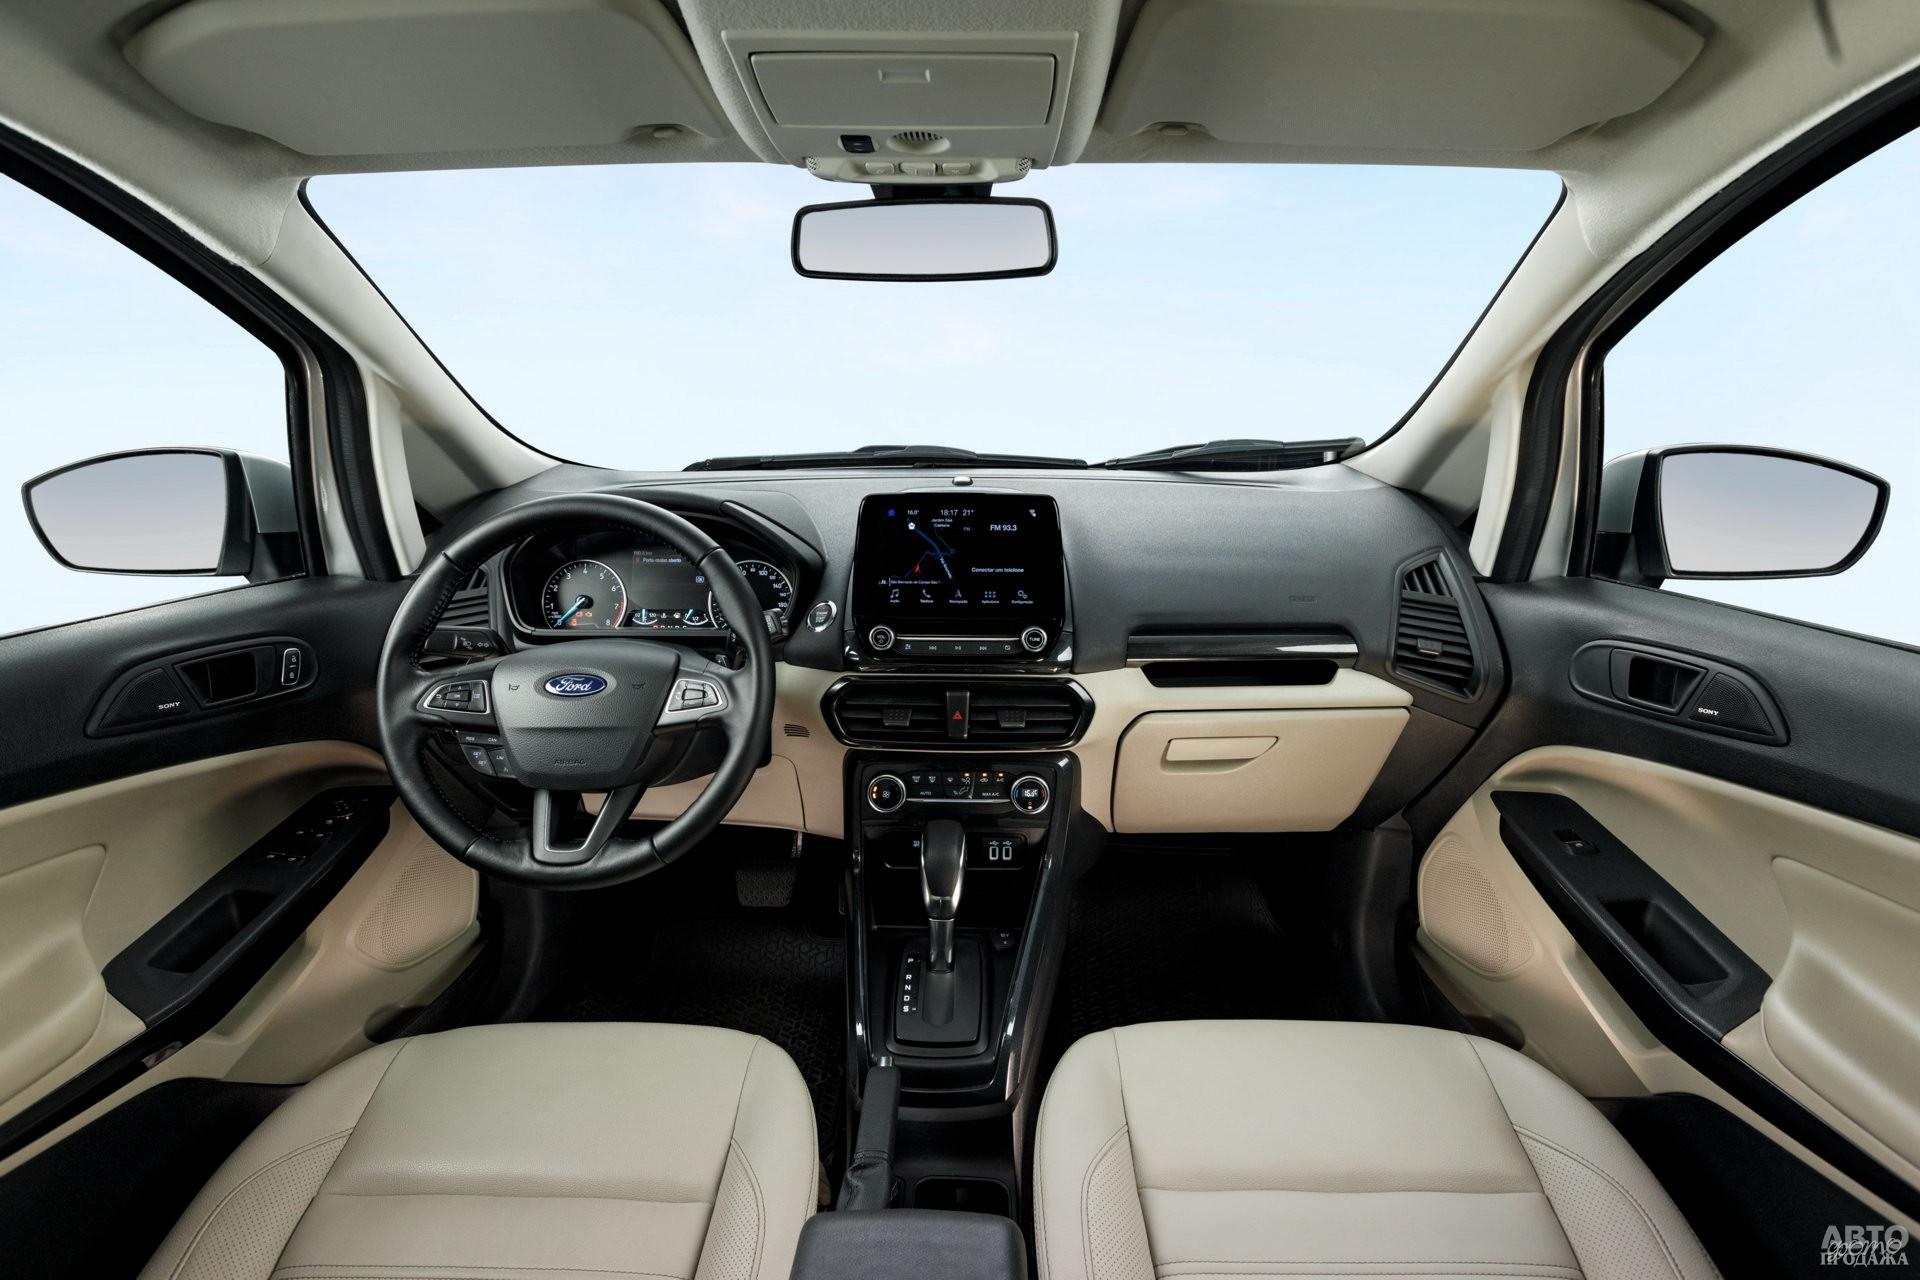 Приборы Ford разделены цветным экраном бортового компьютера